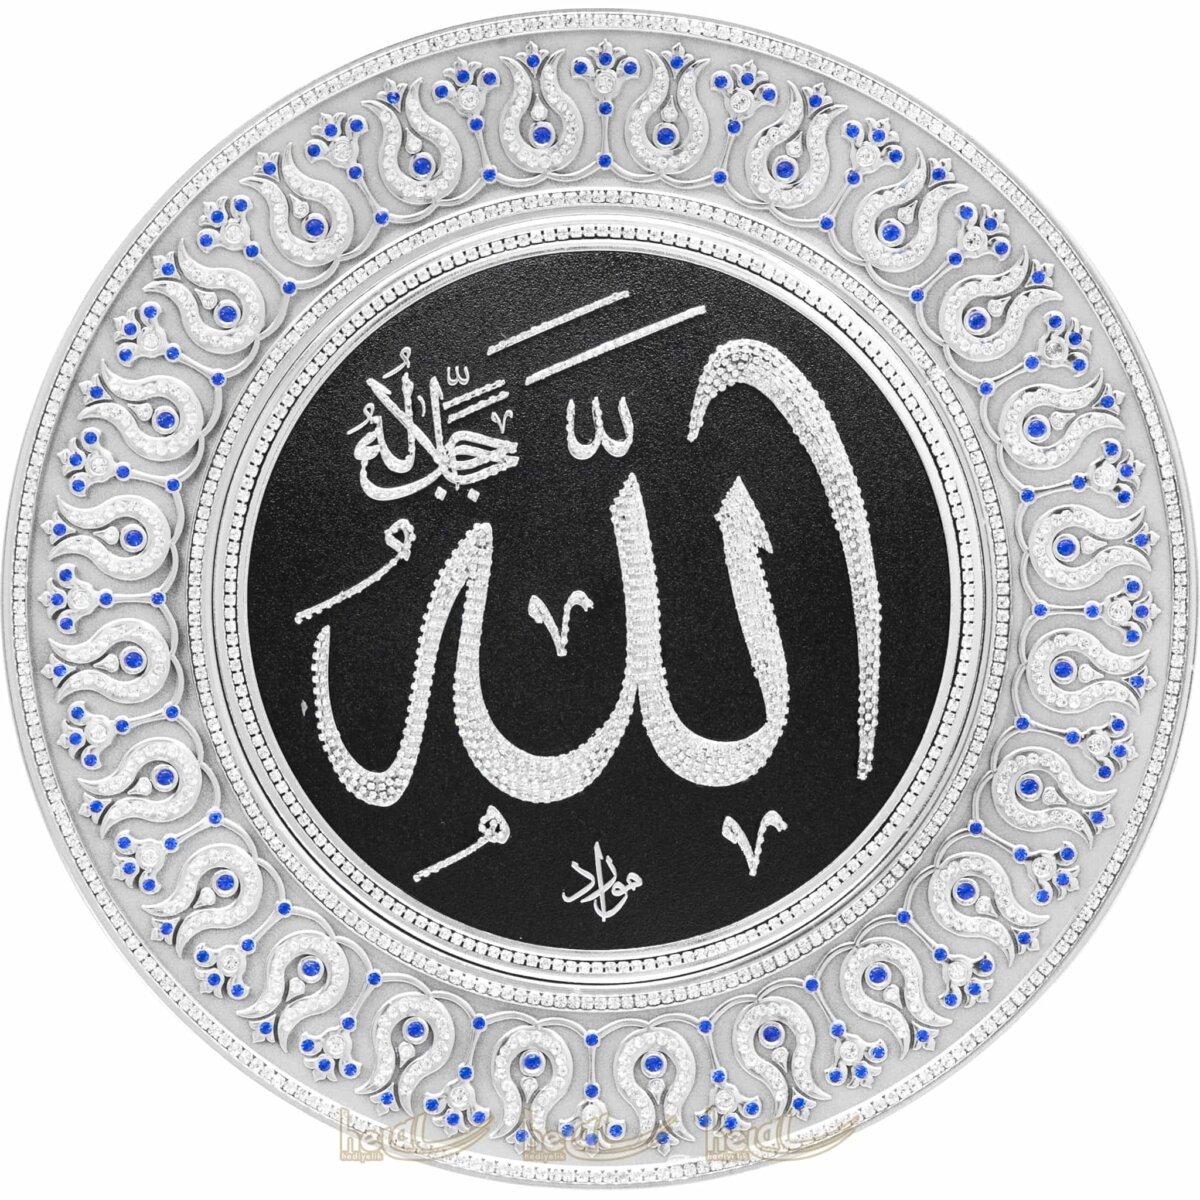 42cm Büyük Boy Kristal Çok Taşlı İsmi Celil Allah cc. Yazılı Tabak Masa Üstü ve Duvar Süsü Ayetli Ürünler